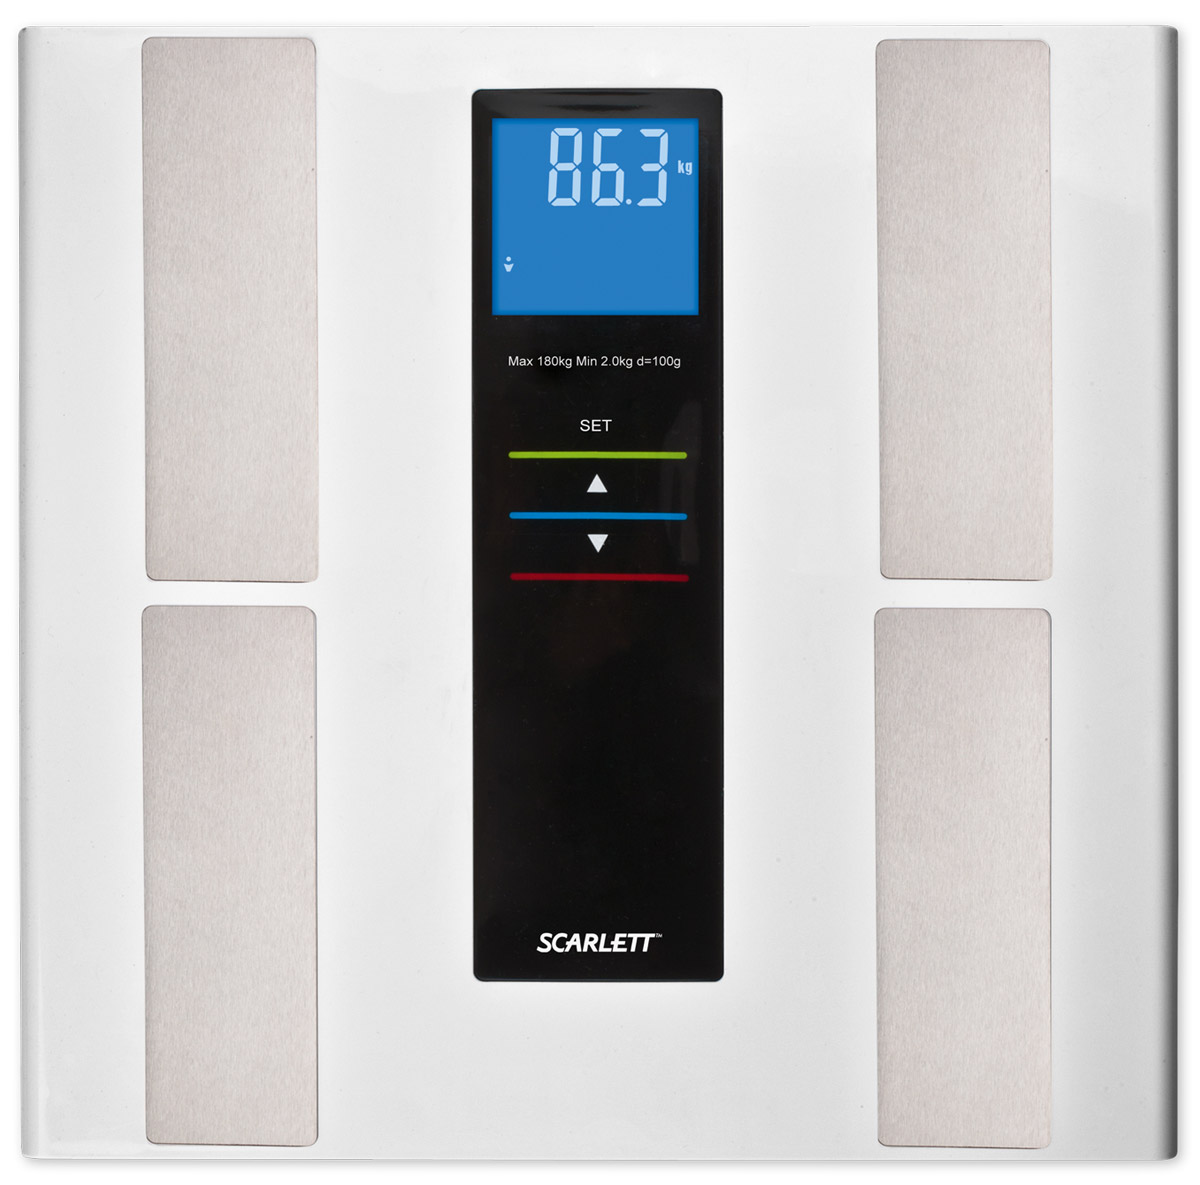 Scarlett SC-219, White напольные весыSC-219Напольные весы Scarlett SC-219 в корпусе из нержавеющей стали и закаленного стекла позволят ежедневно контролировать вес человеку, заботящемуся о здоровье и стройной фигуре. Модель выдерживает нагрузку до 180 кг и выводит на дисплей результаты в килограммах. Электронный дисплей оснащен хорошо видимыми подсвечивающимися символами. Устройство обладает объемом памяти на 10 пользователей, а кроме массы тела владелец весов получит информацию о доле жировой, мышечной и костной ткани, а также о содержании в организме воды.Индикатор перегрузкиИндикатор заряда батареиПрорезиненные ножкиВысокочувствительные датчики